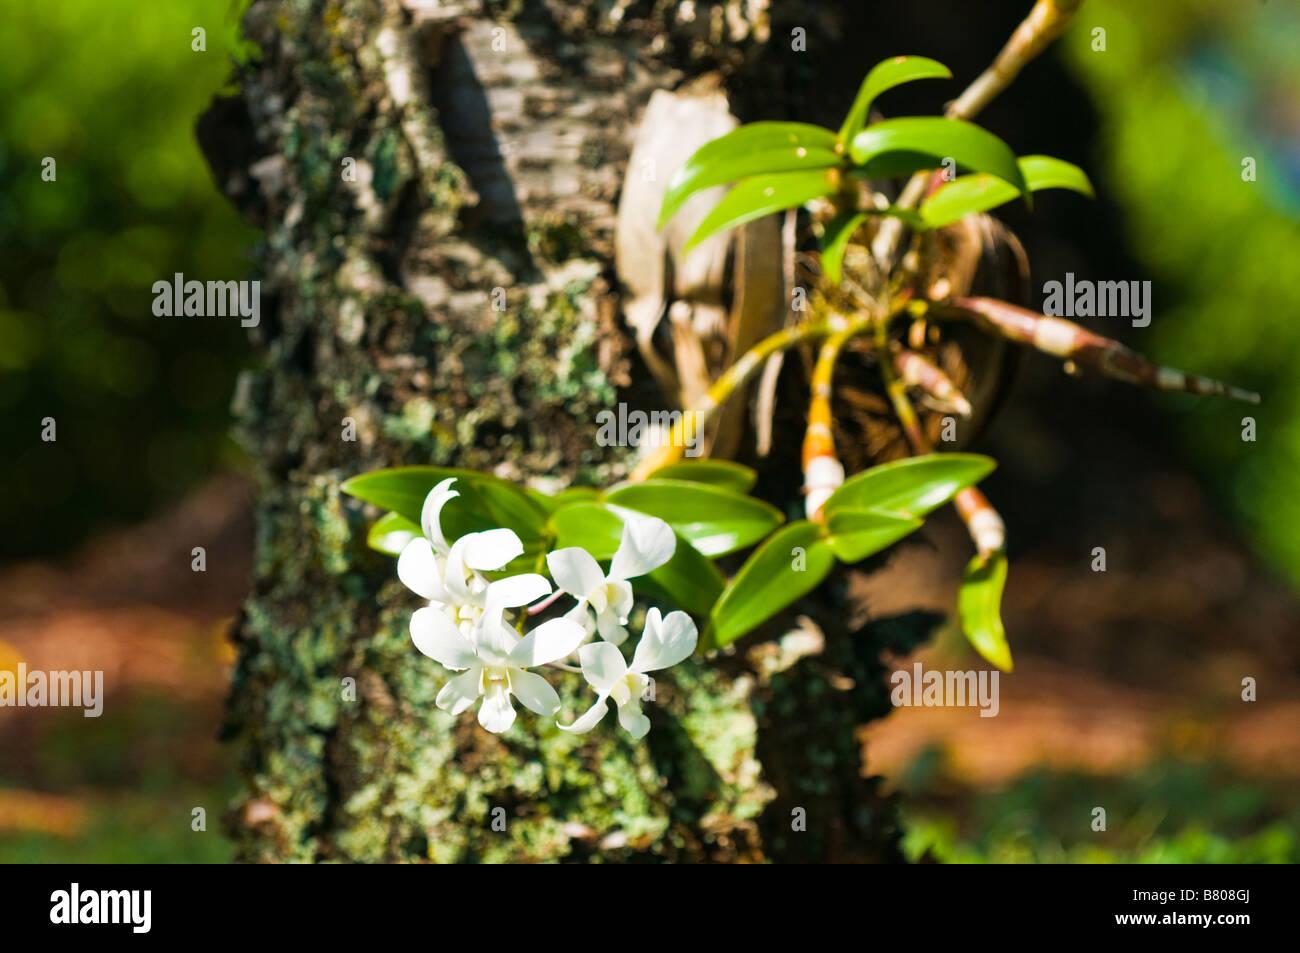 Hawaiian orchid tree stock photos hawaiian orchid tree stock orchid growing out of the trunk of a tree island of kauai hawaii stock image izmirmasajfo Images